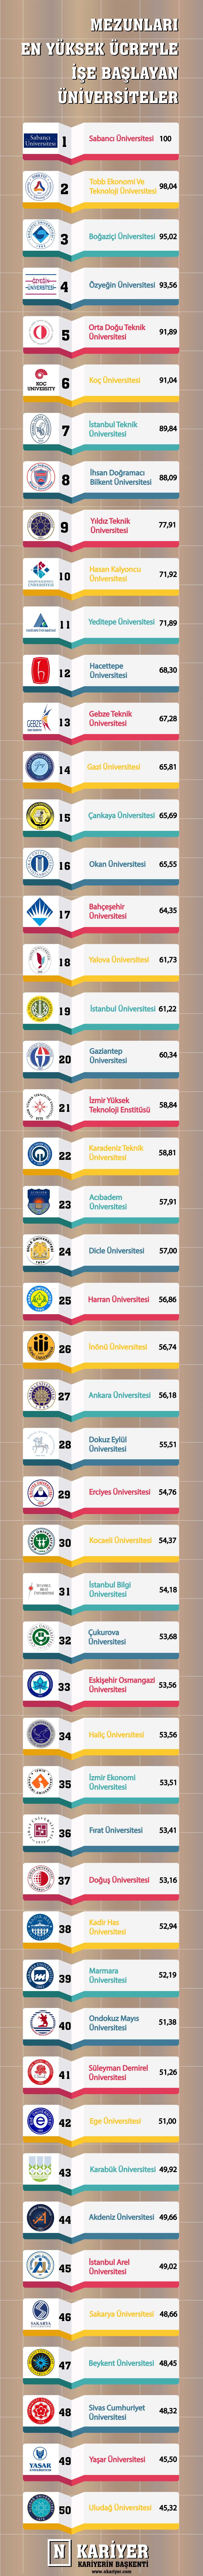 mezunlari-en-yuksek-ucretle-ise-baslayan-universiteler